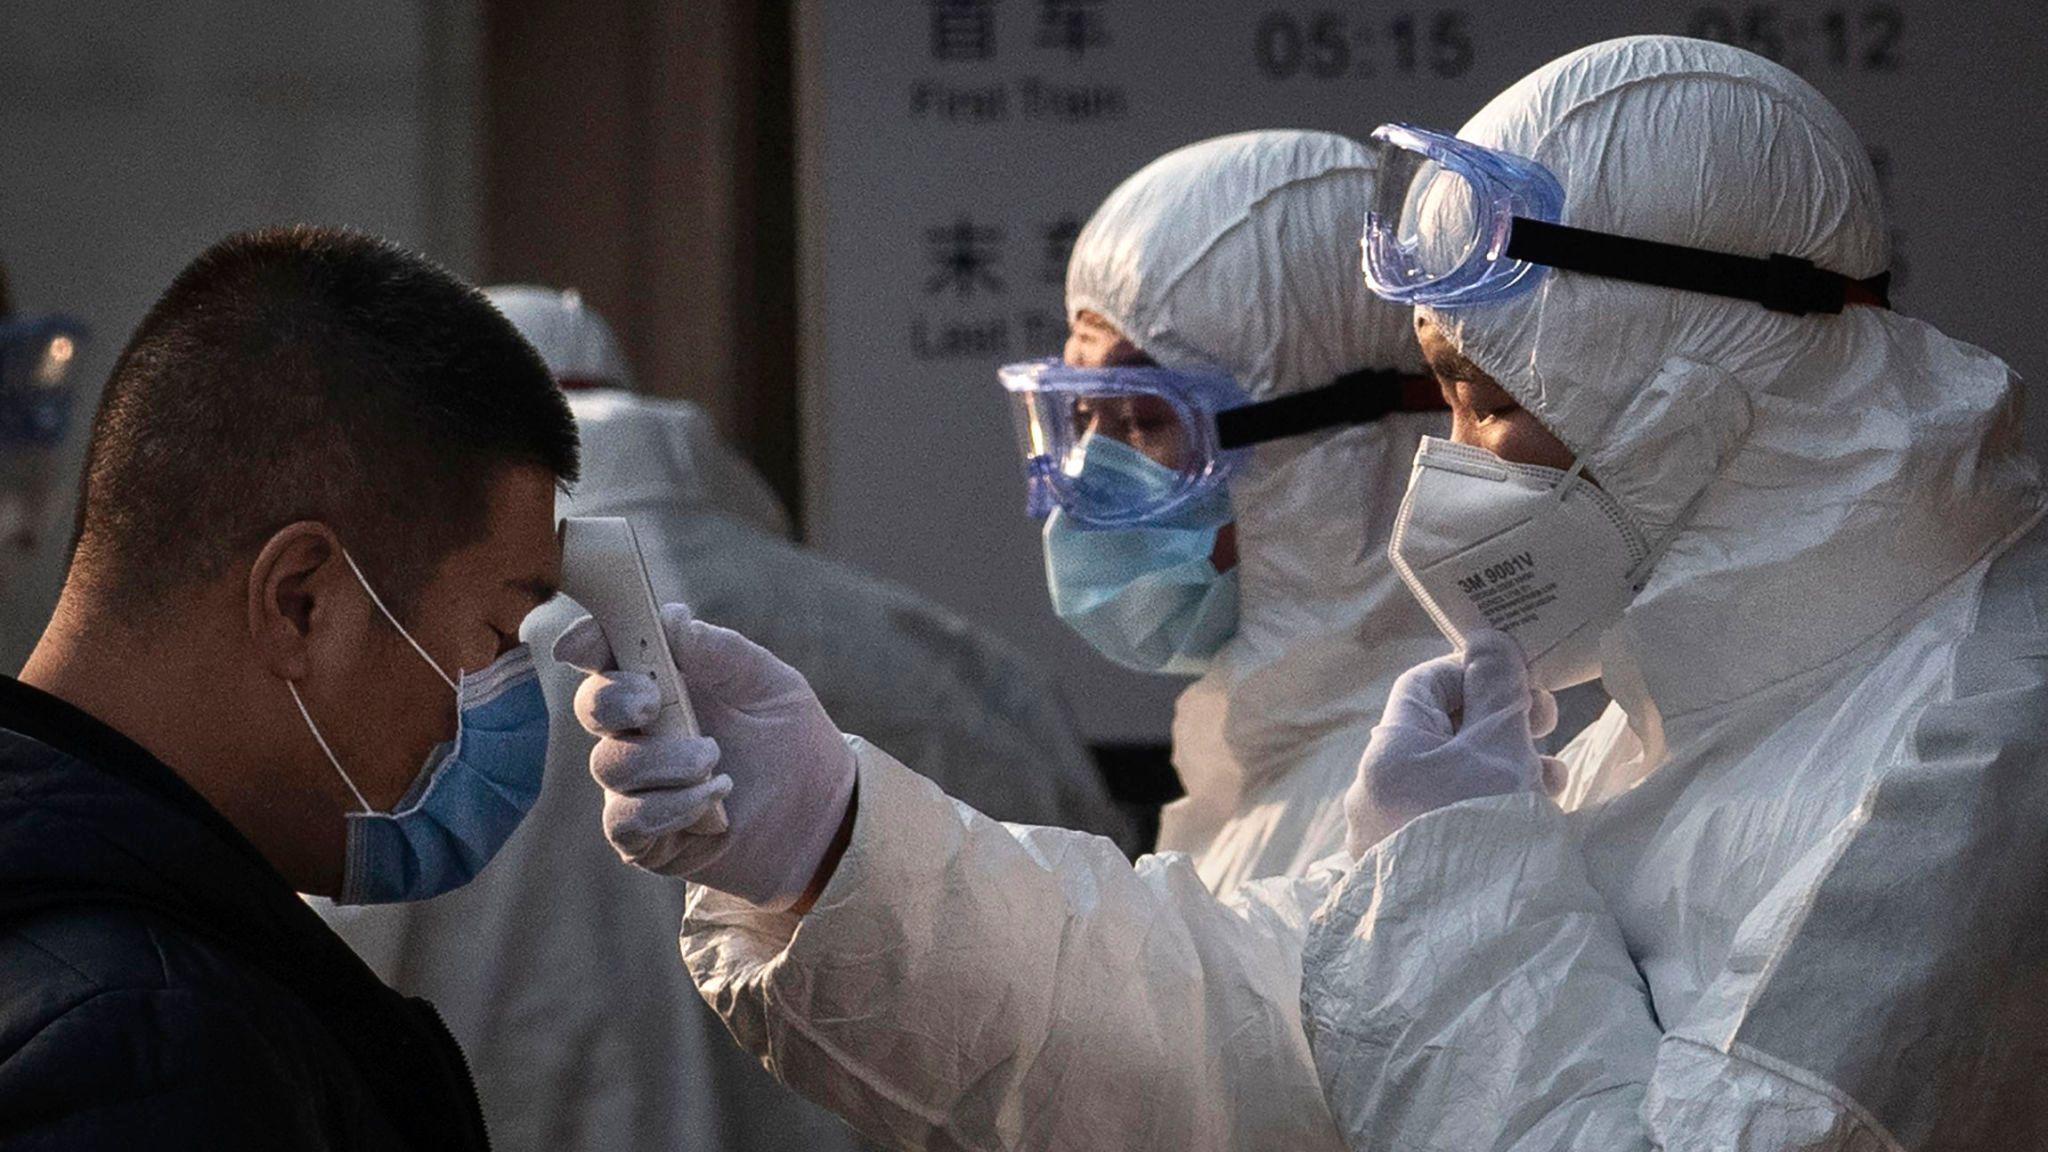 Что будет если заболеть коронавирусом: симптомы, тяжесть, течение